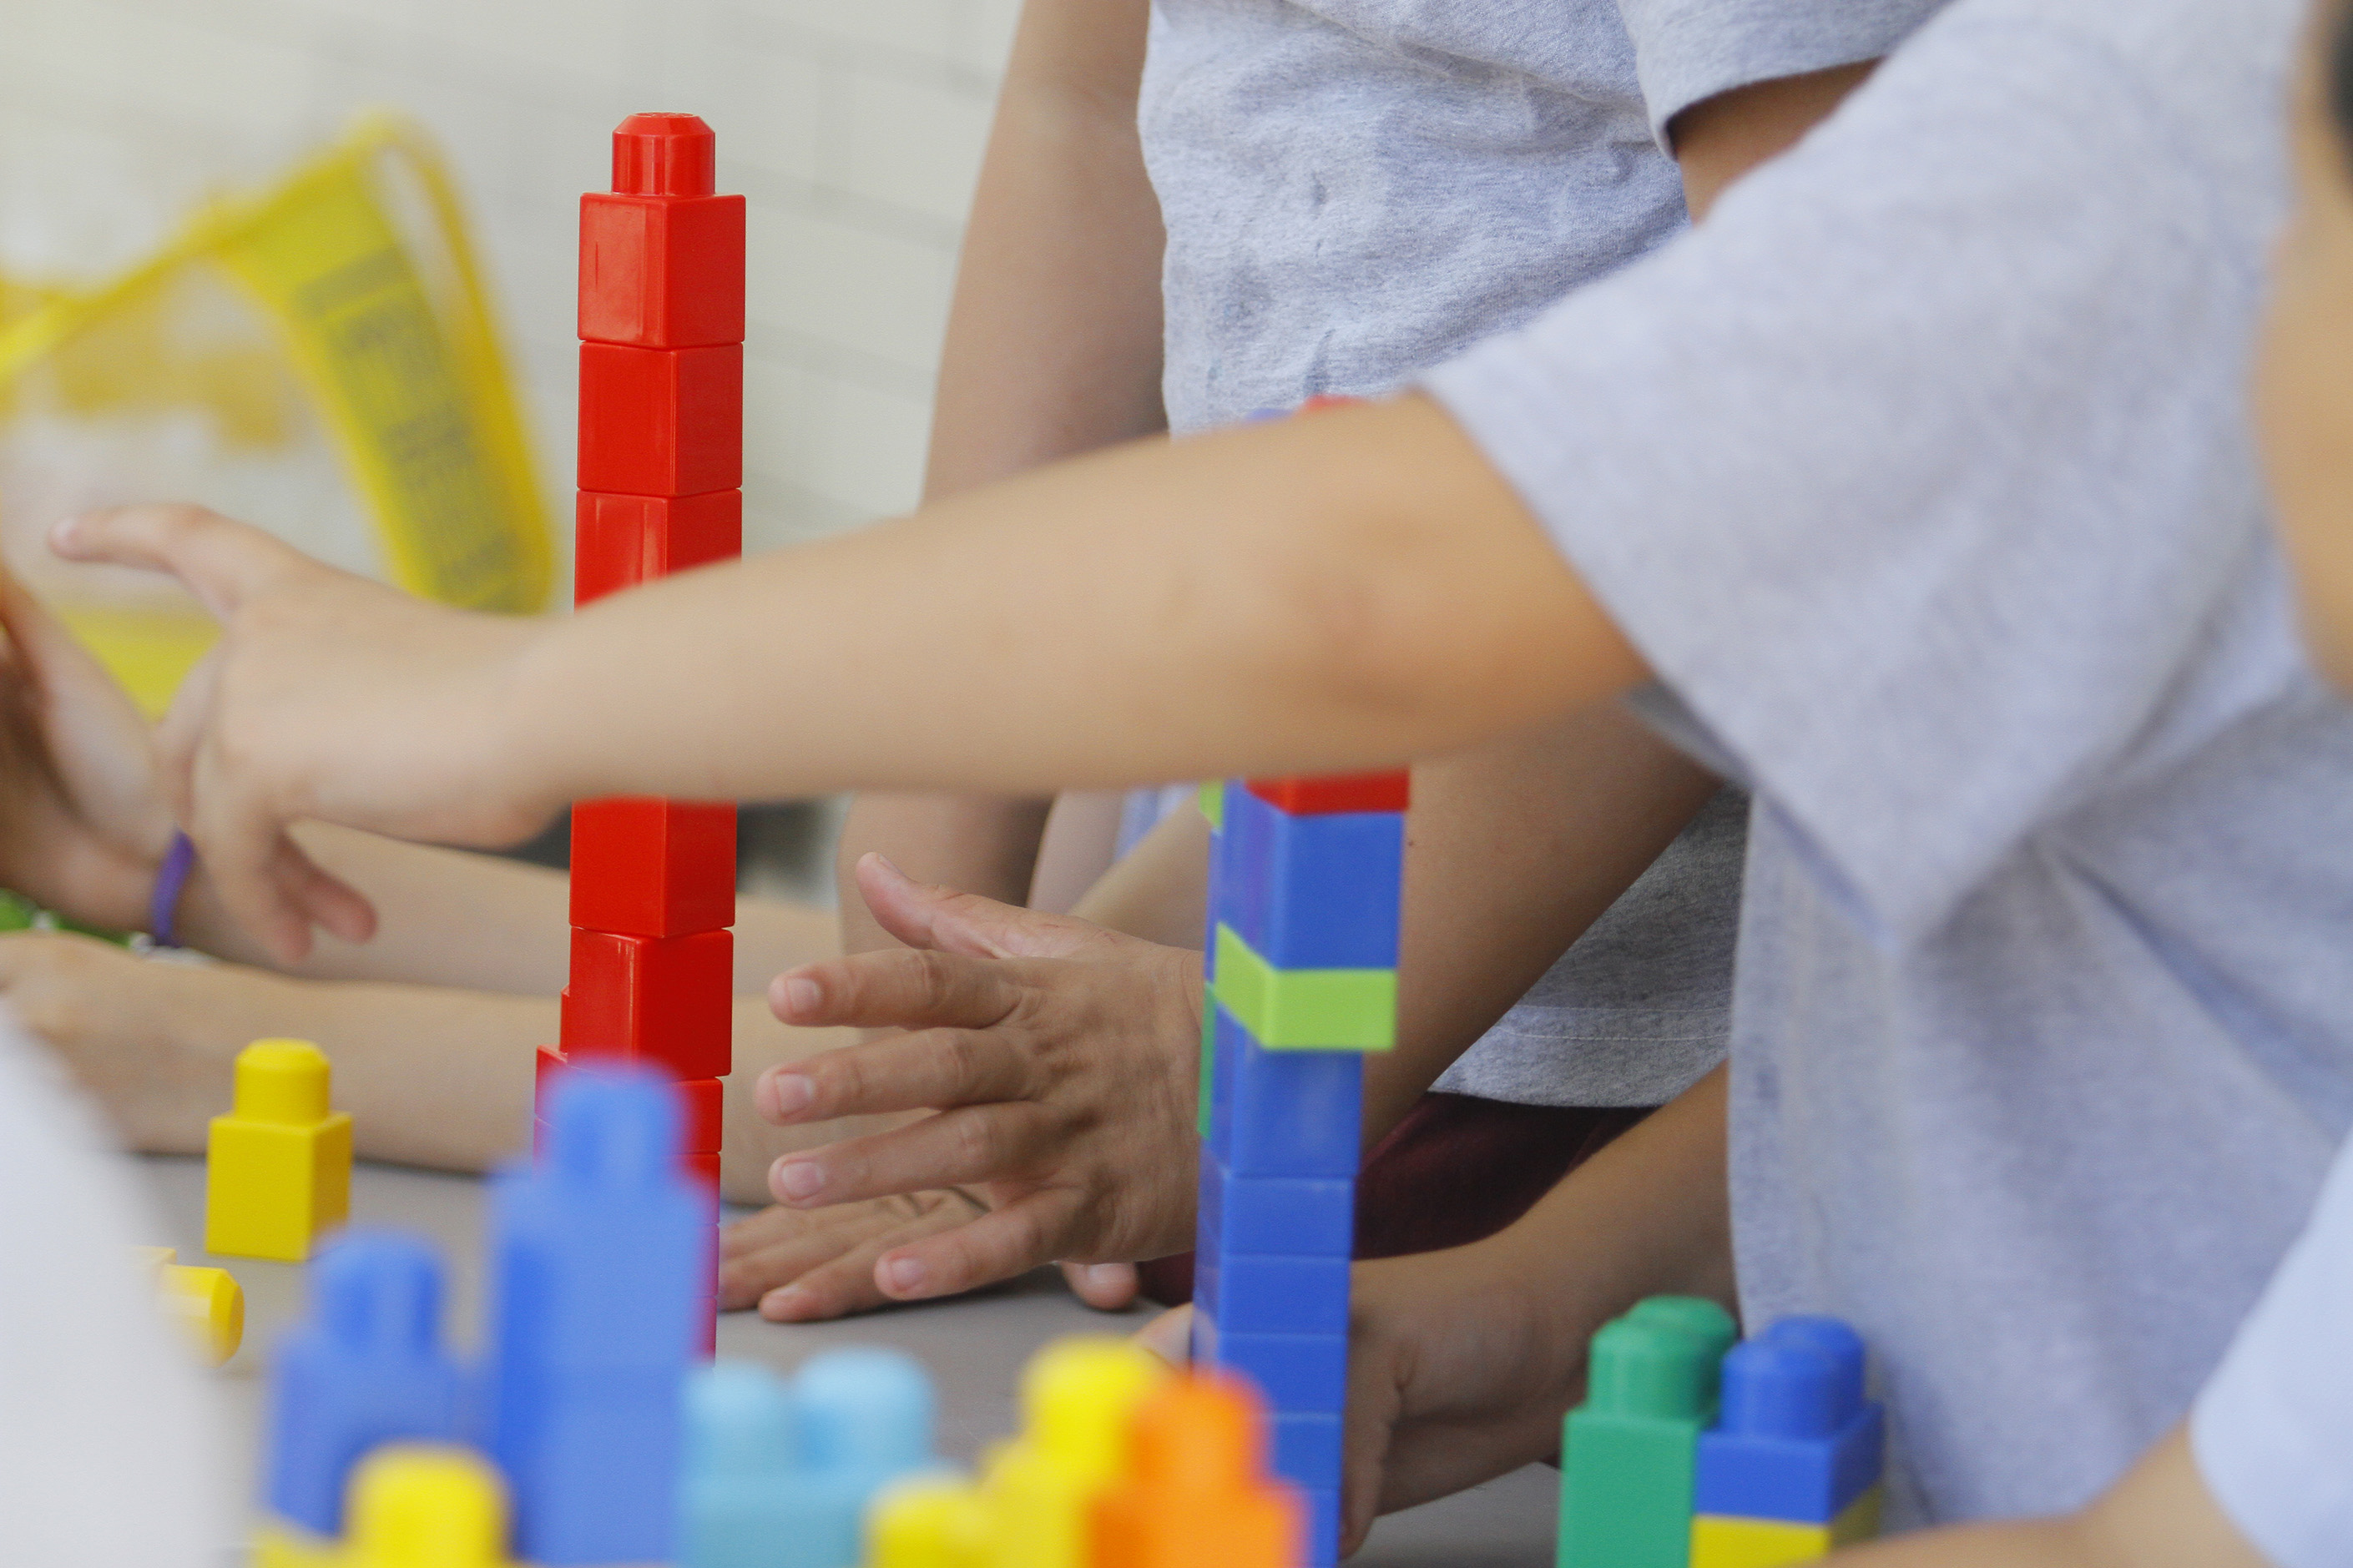 Índice de autismo rebasa casos de cáncer o VIH-Sida: ONG